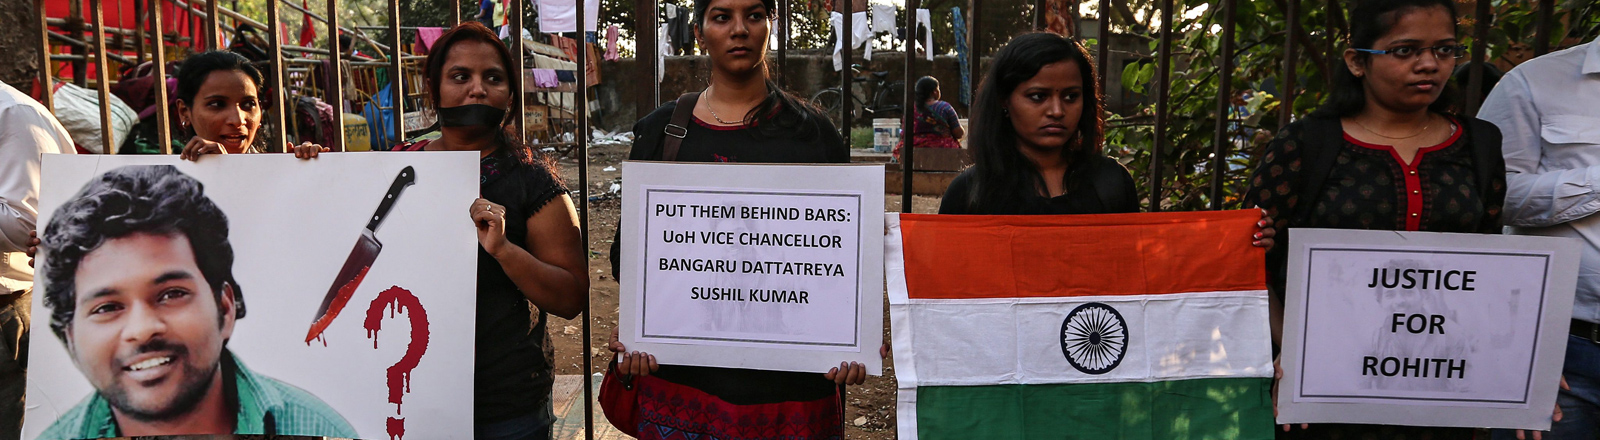 Studentinnen protestieren gegen das indische Kastensystem, das sie für den Selbstmord von Rohith Vemula verantwortliche machen.